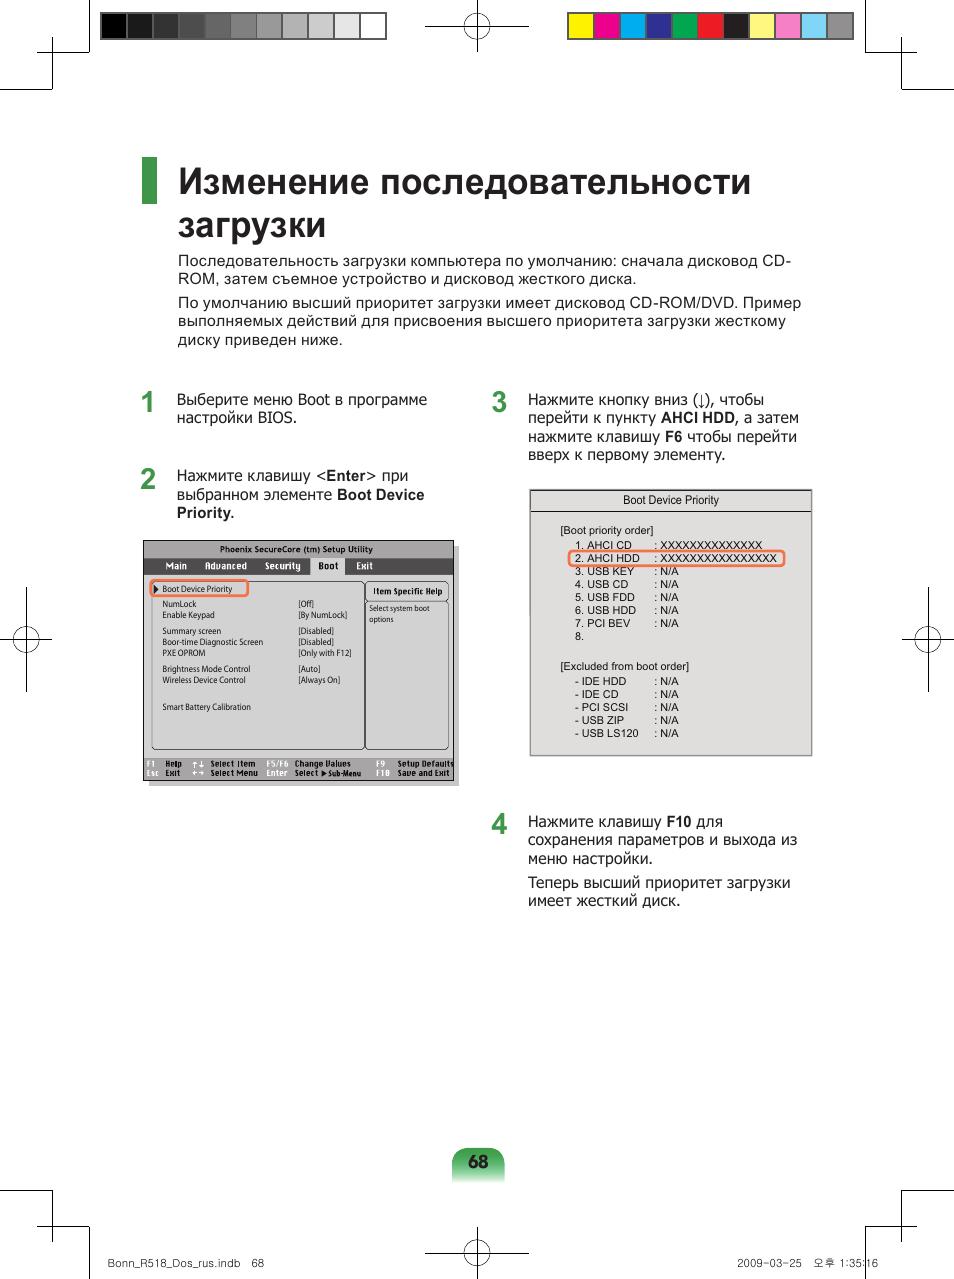 инструкция по эксплуатации samsung r518